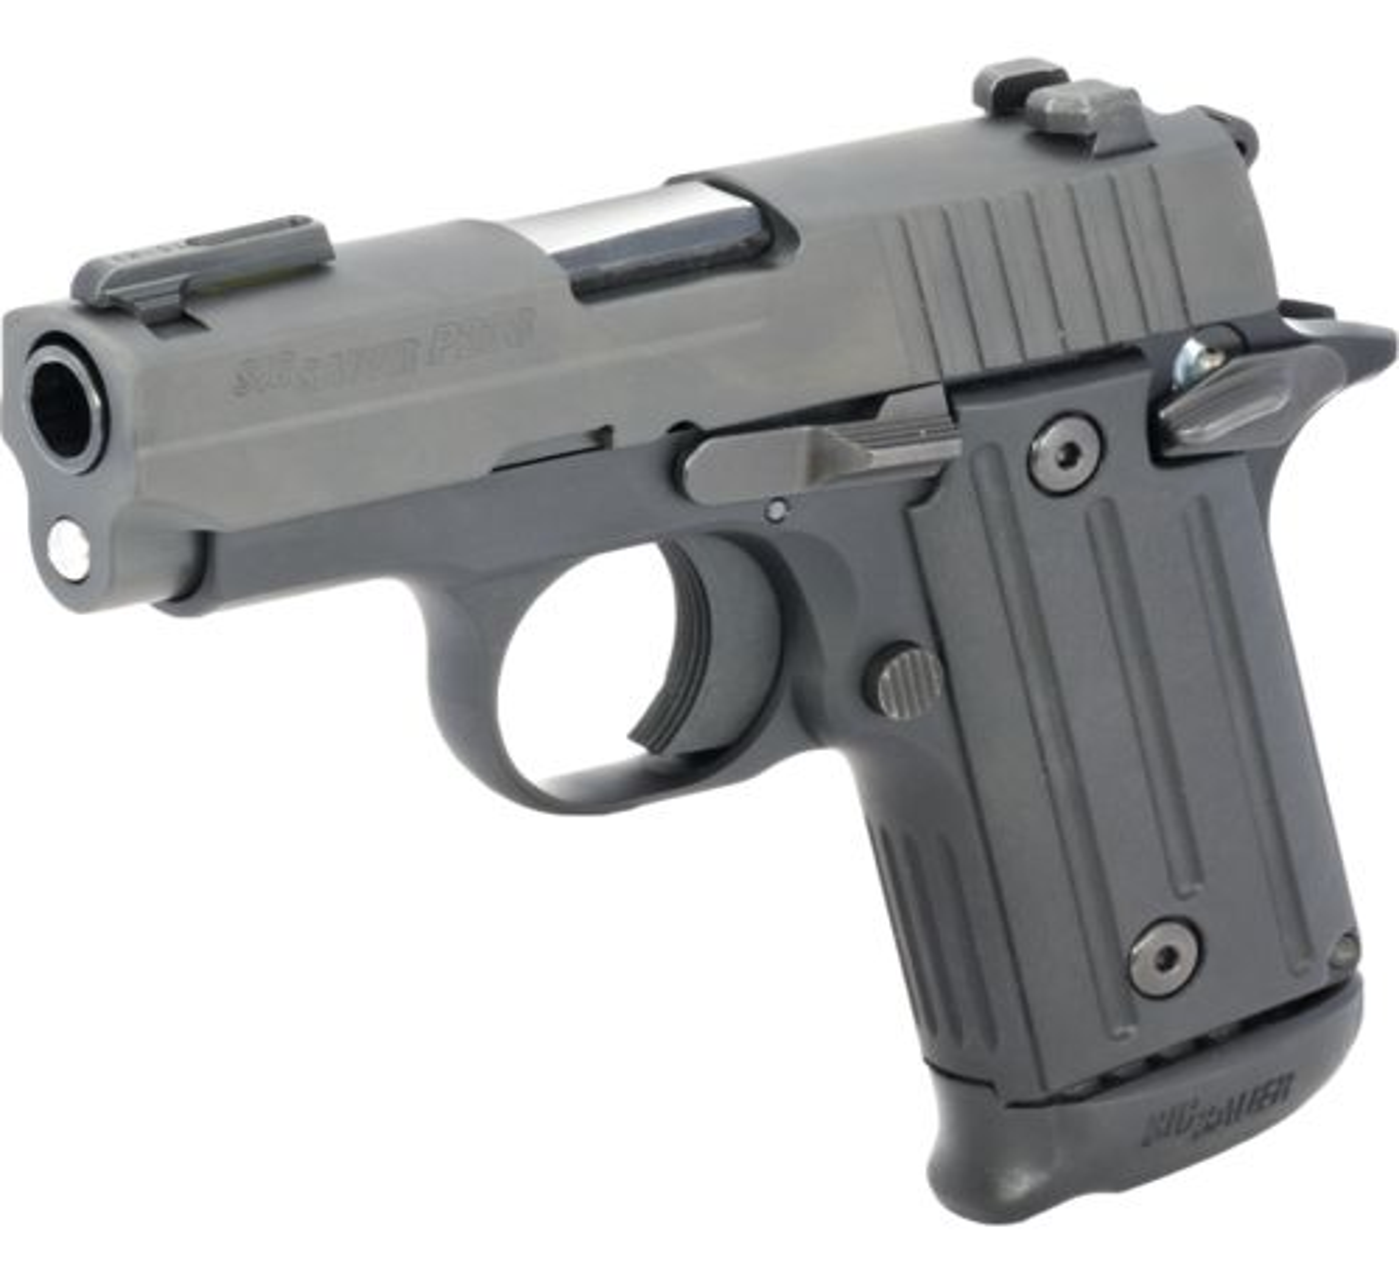 SIG SAUER P238 .380 Auto Pistol